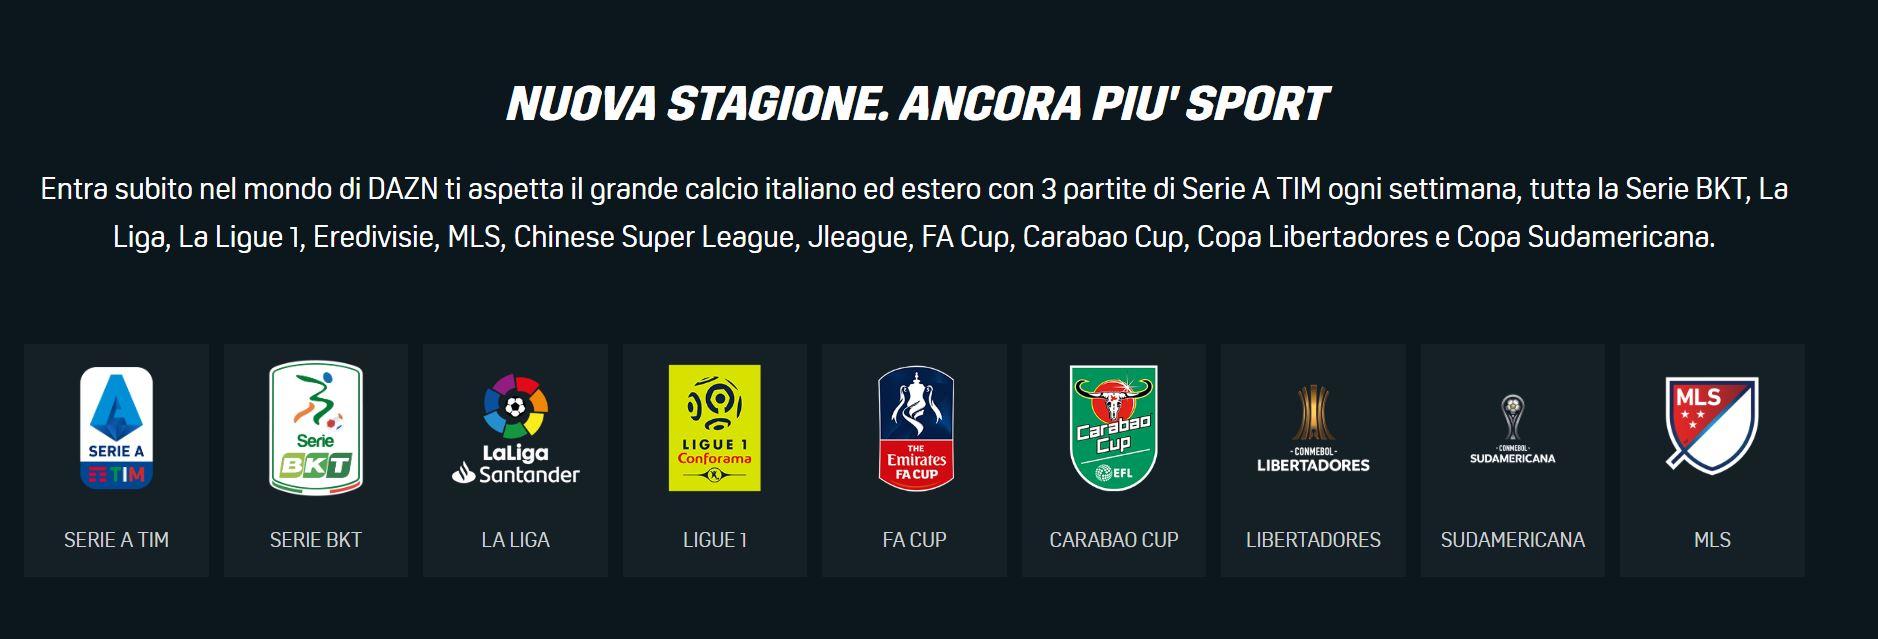 Partite Su Dazn Calendario.Elenco Partite Serie A Su Dazn Stagione 2019 200 Ecco Le